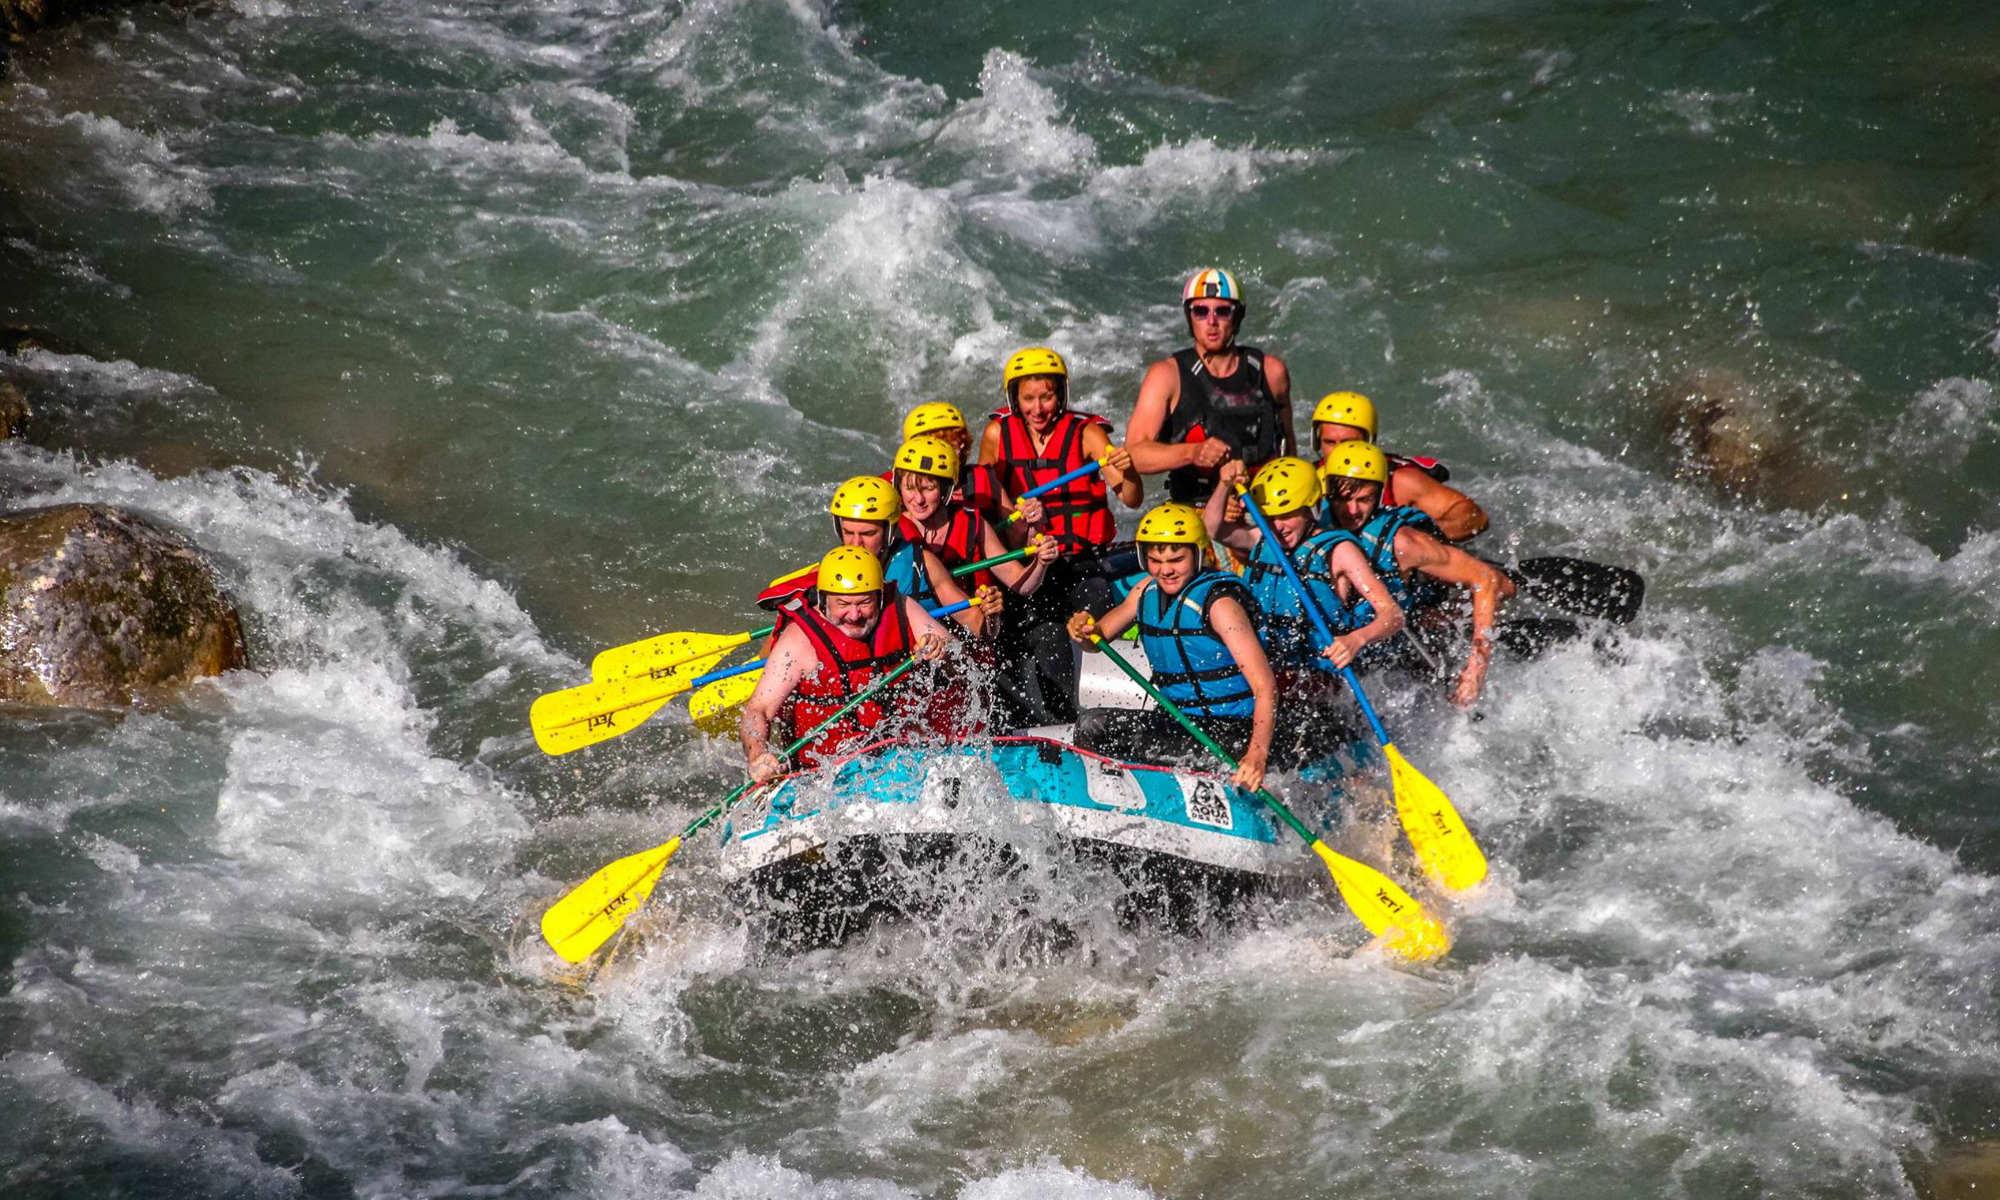 Un groupe pagaie lors d'une activité de rafting sur le Verdon.